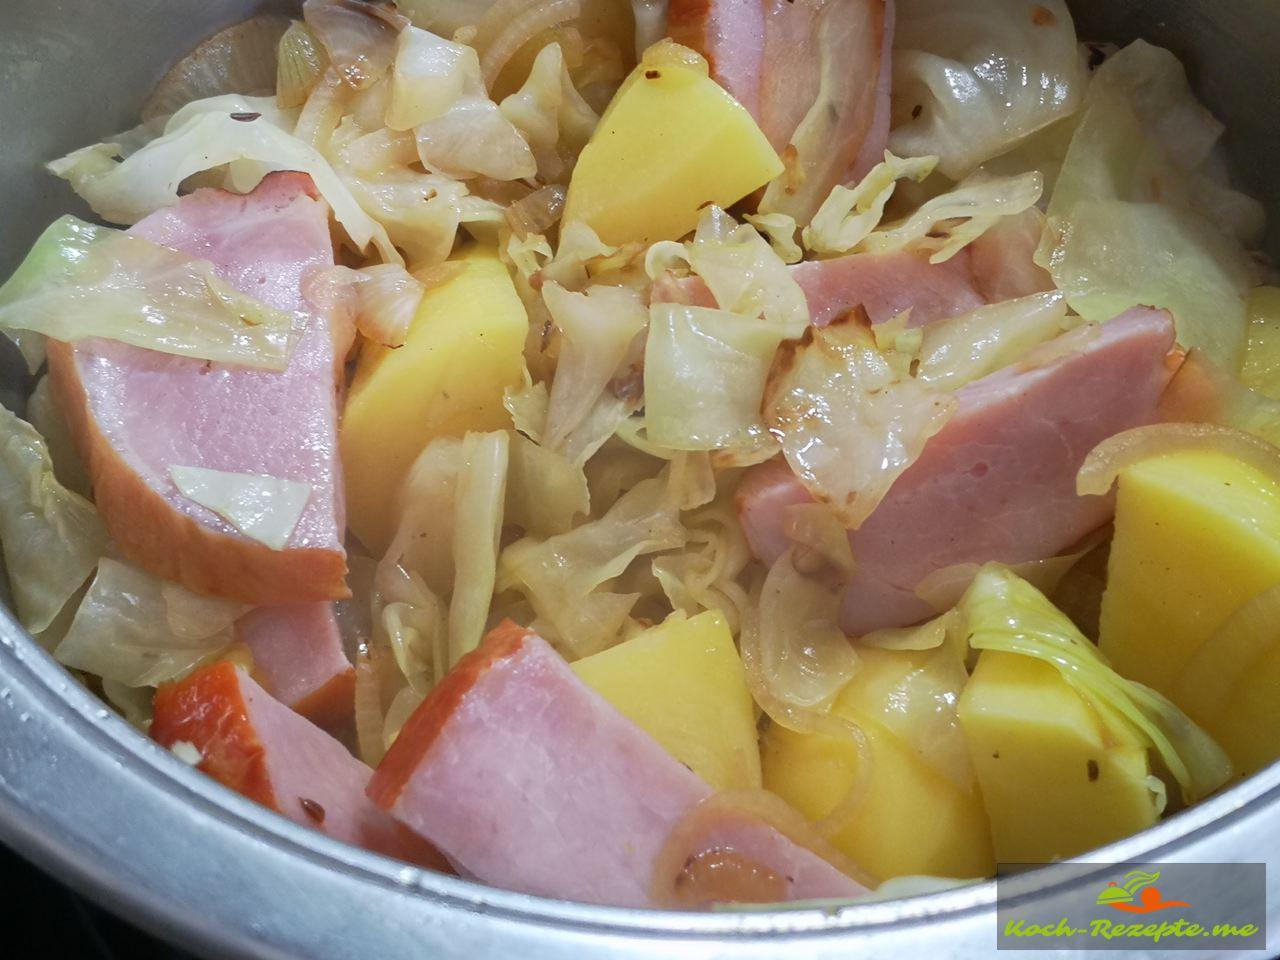 nach 40 Minuten kommt für 5 Minuten die Zucchini dazu